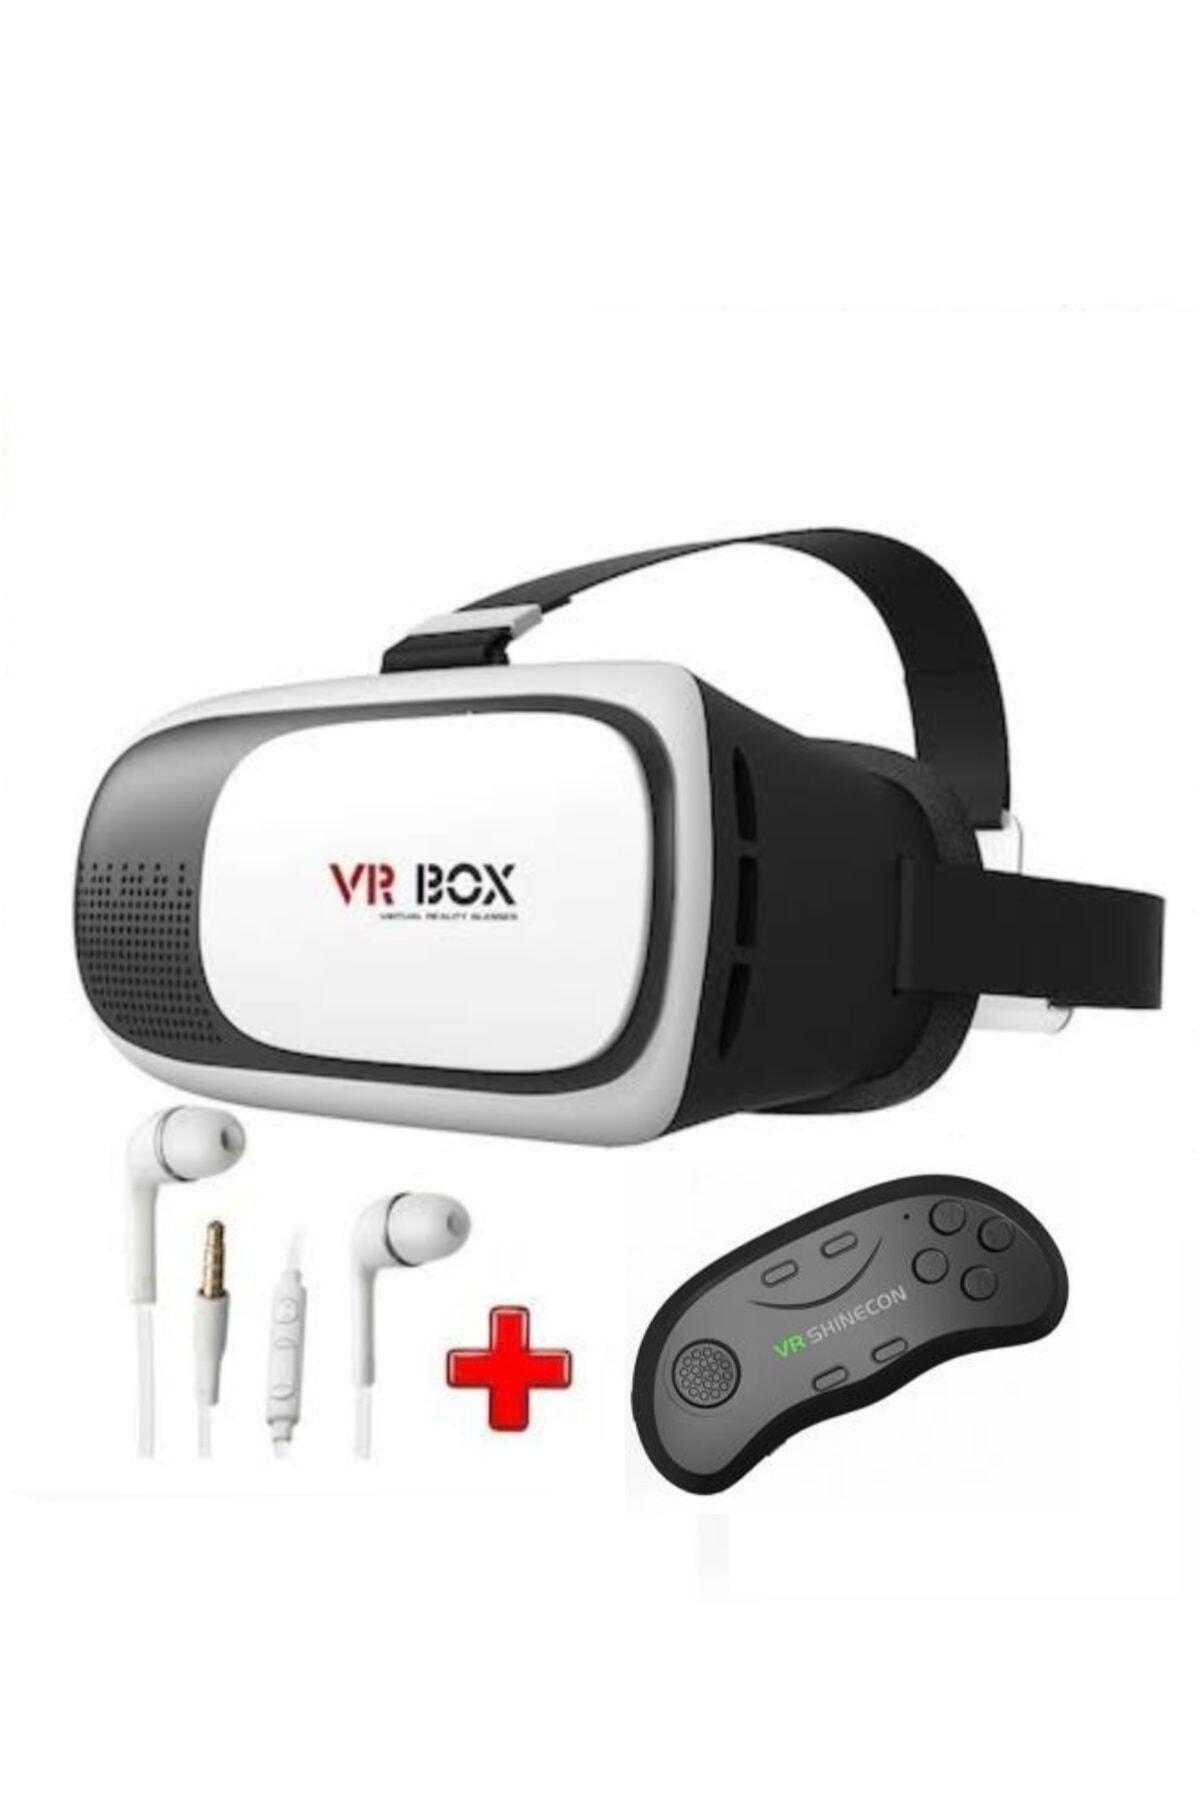 VR BOX 3d 3in1 Sanal Gerçeklik Gözlüğü Seti Vrst2 1